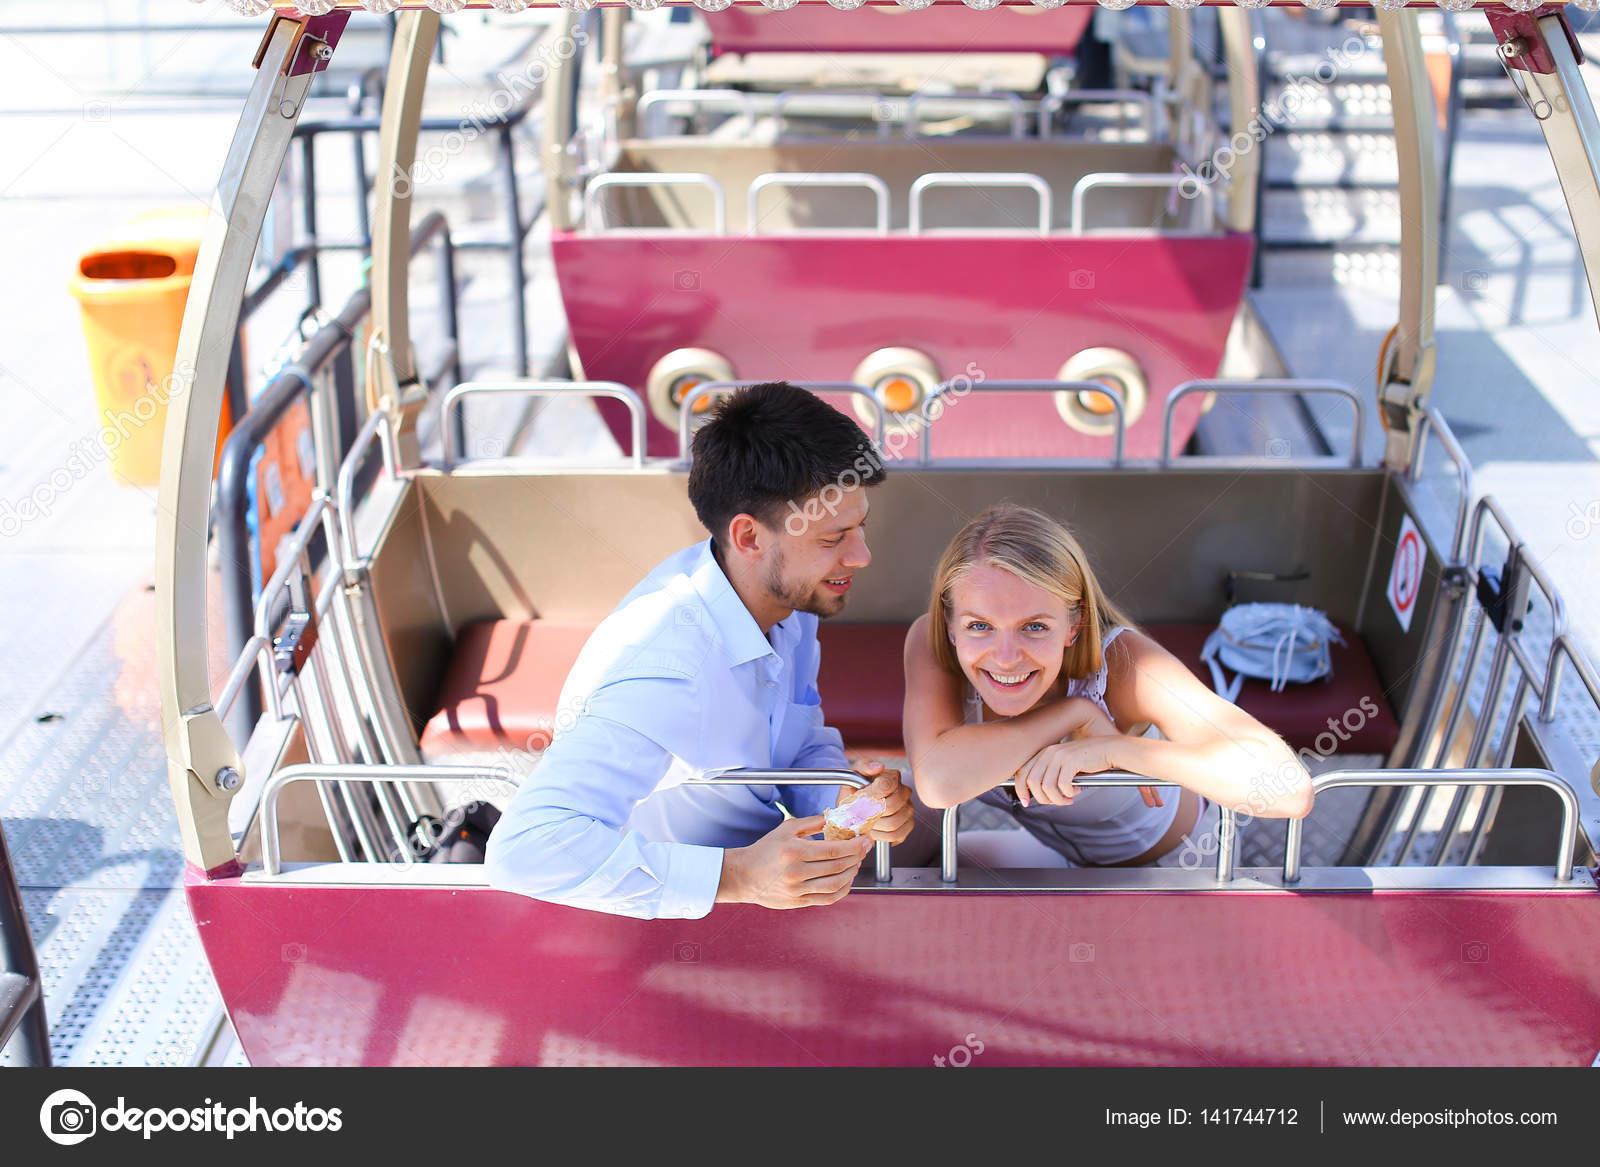 Секс в кабине колеса обозрения, Крутой аттракцион: парочка занялась сексом на колесе 25 фотография